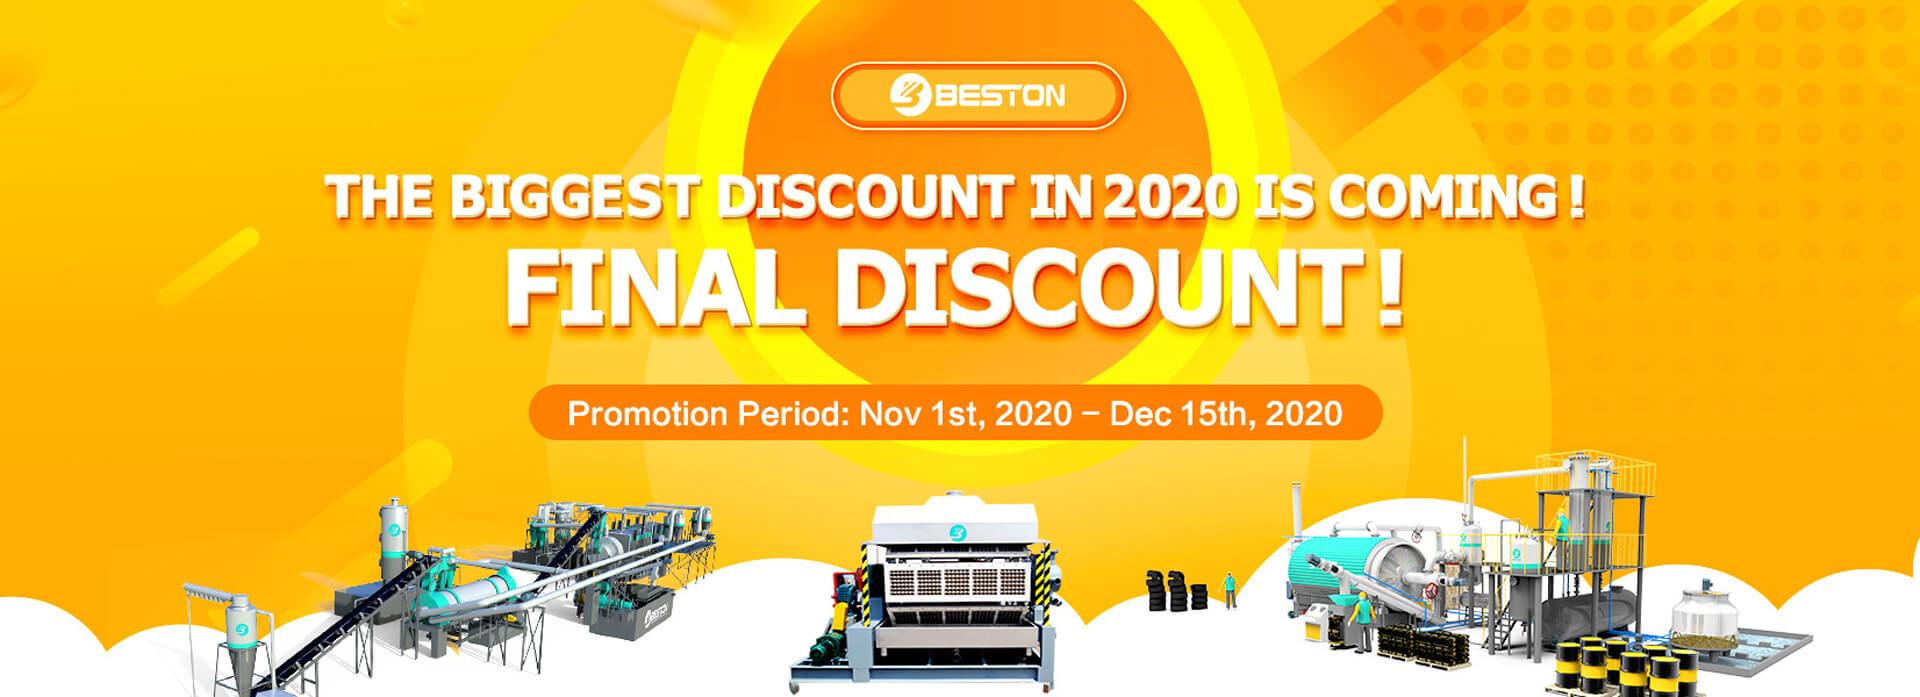 Biggest Discount of Beston in 2020